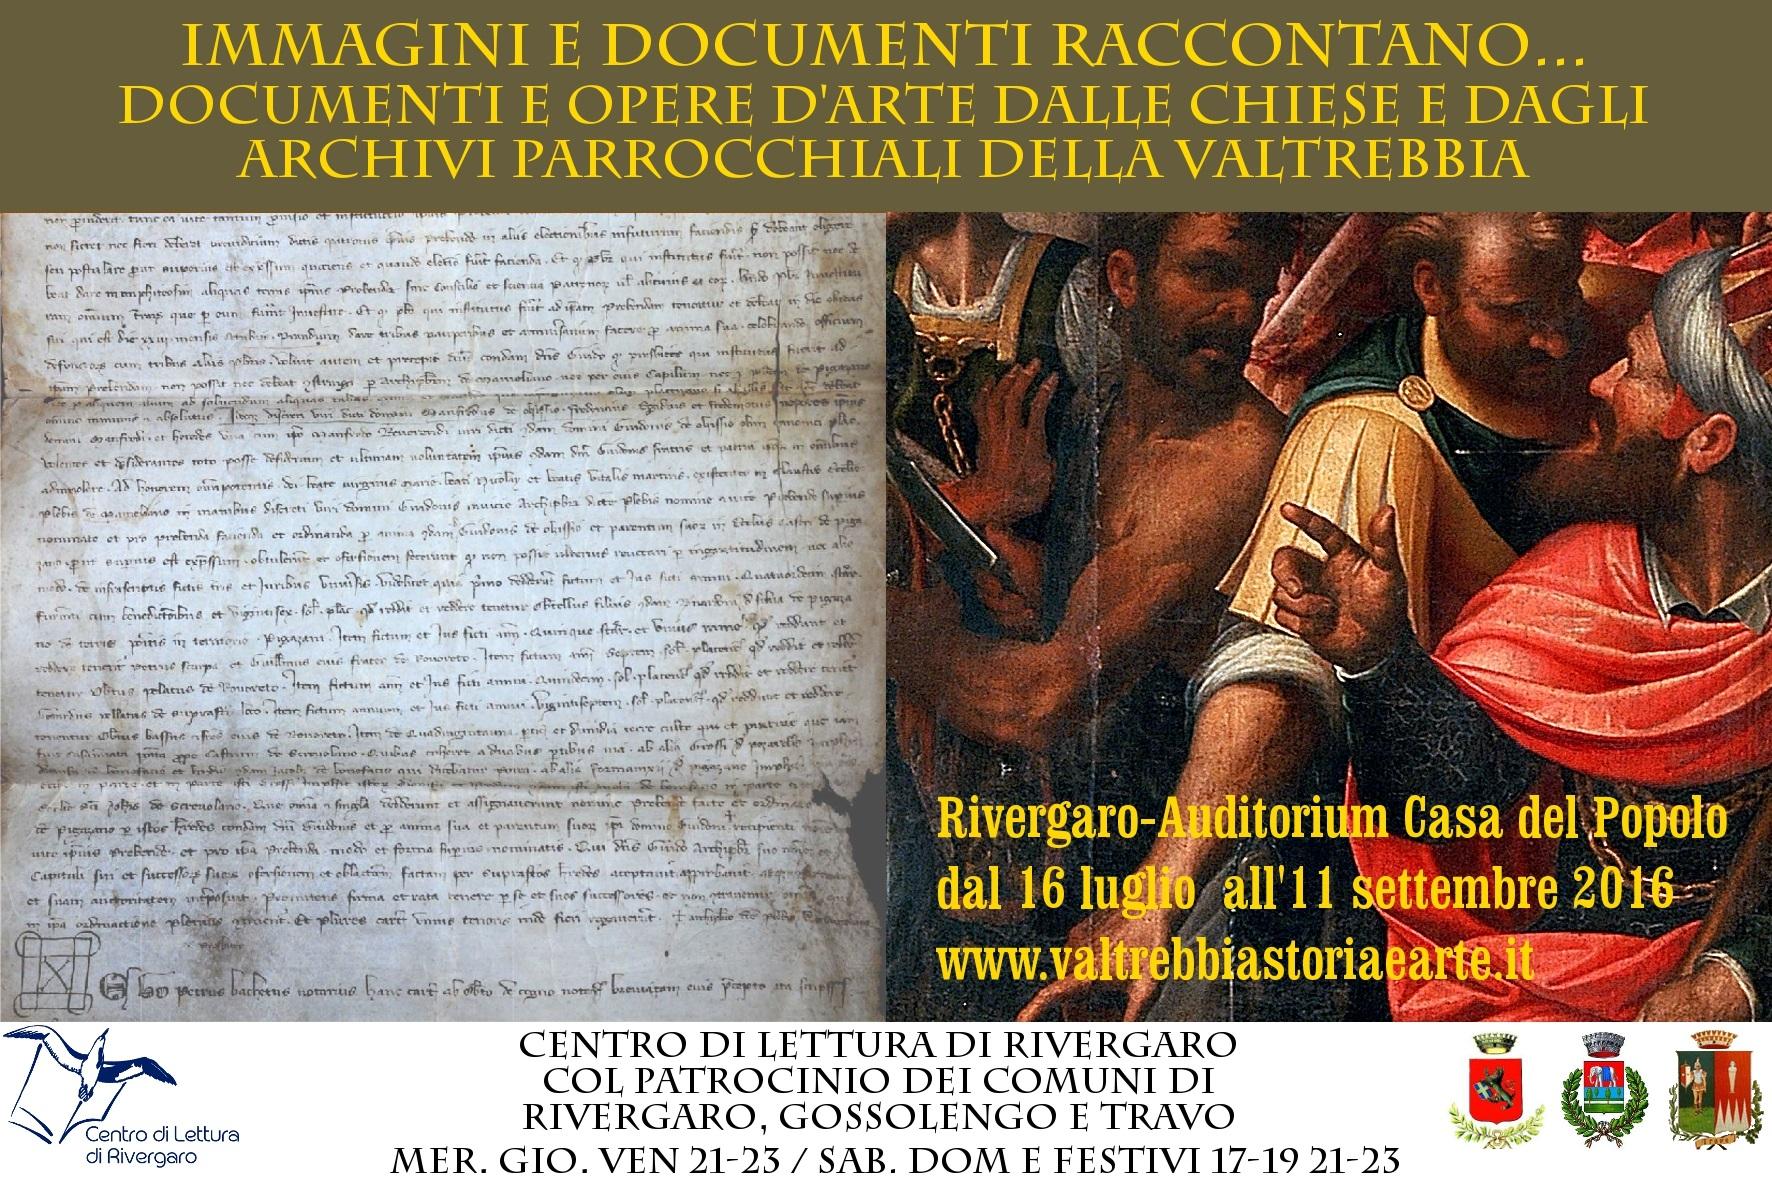 IMMAGINI E DOCUMENTI RACCONTANO ... Documenti e opere d'arte dalle chiese e dagli archivi parrocchiali della Valtrebbia